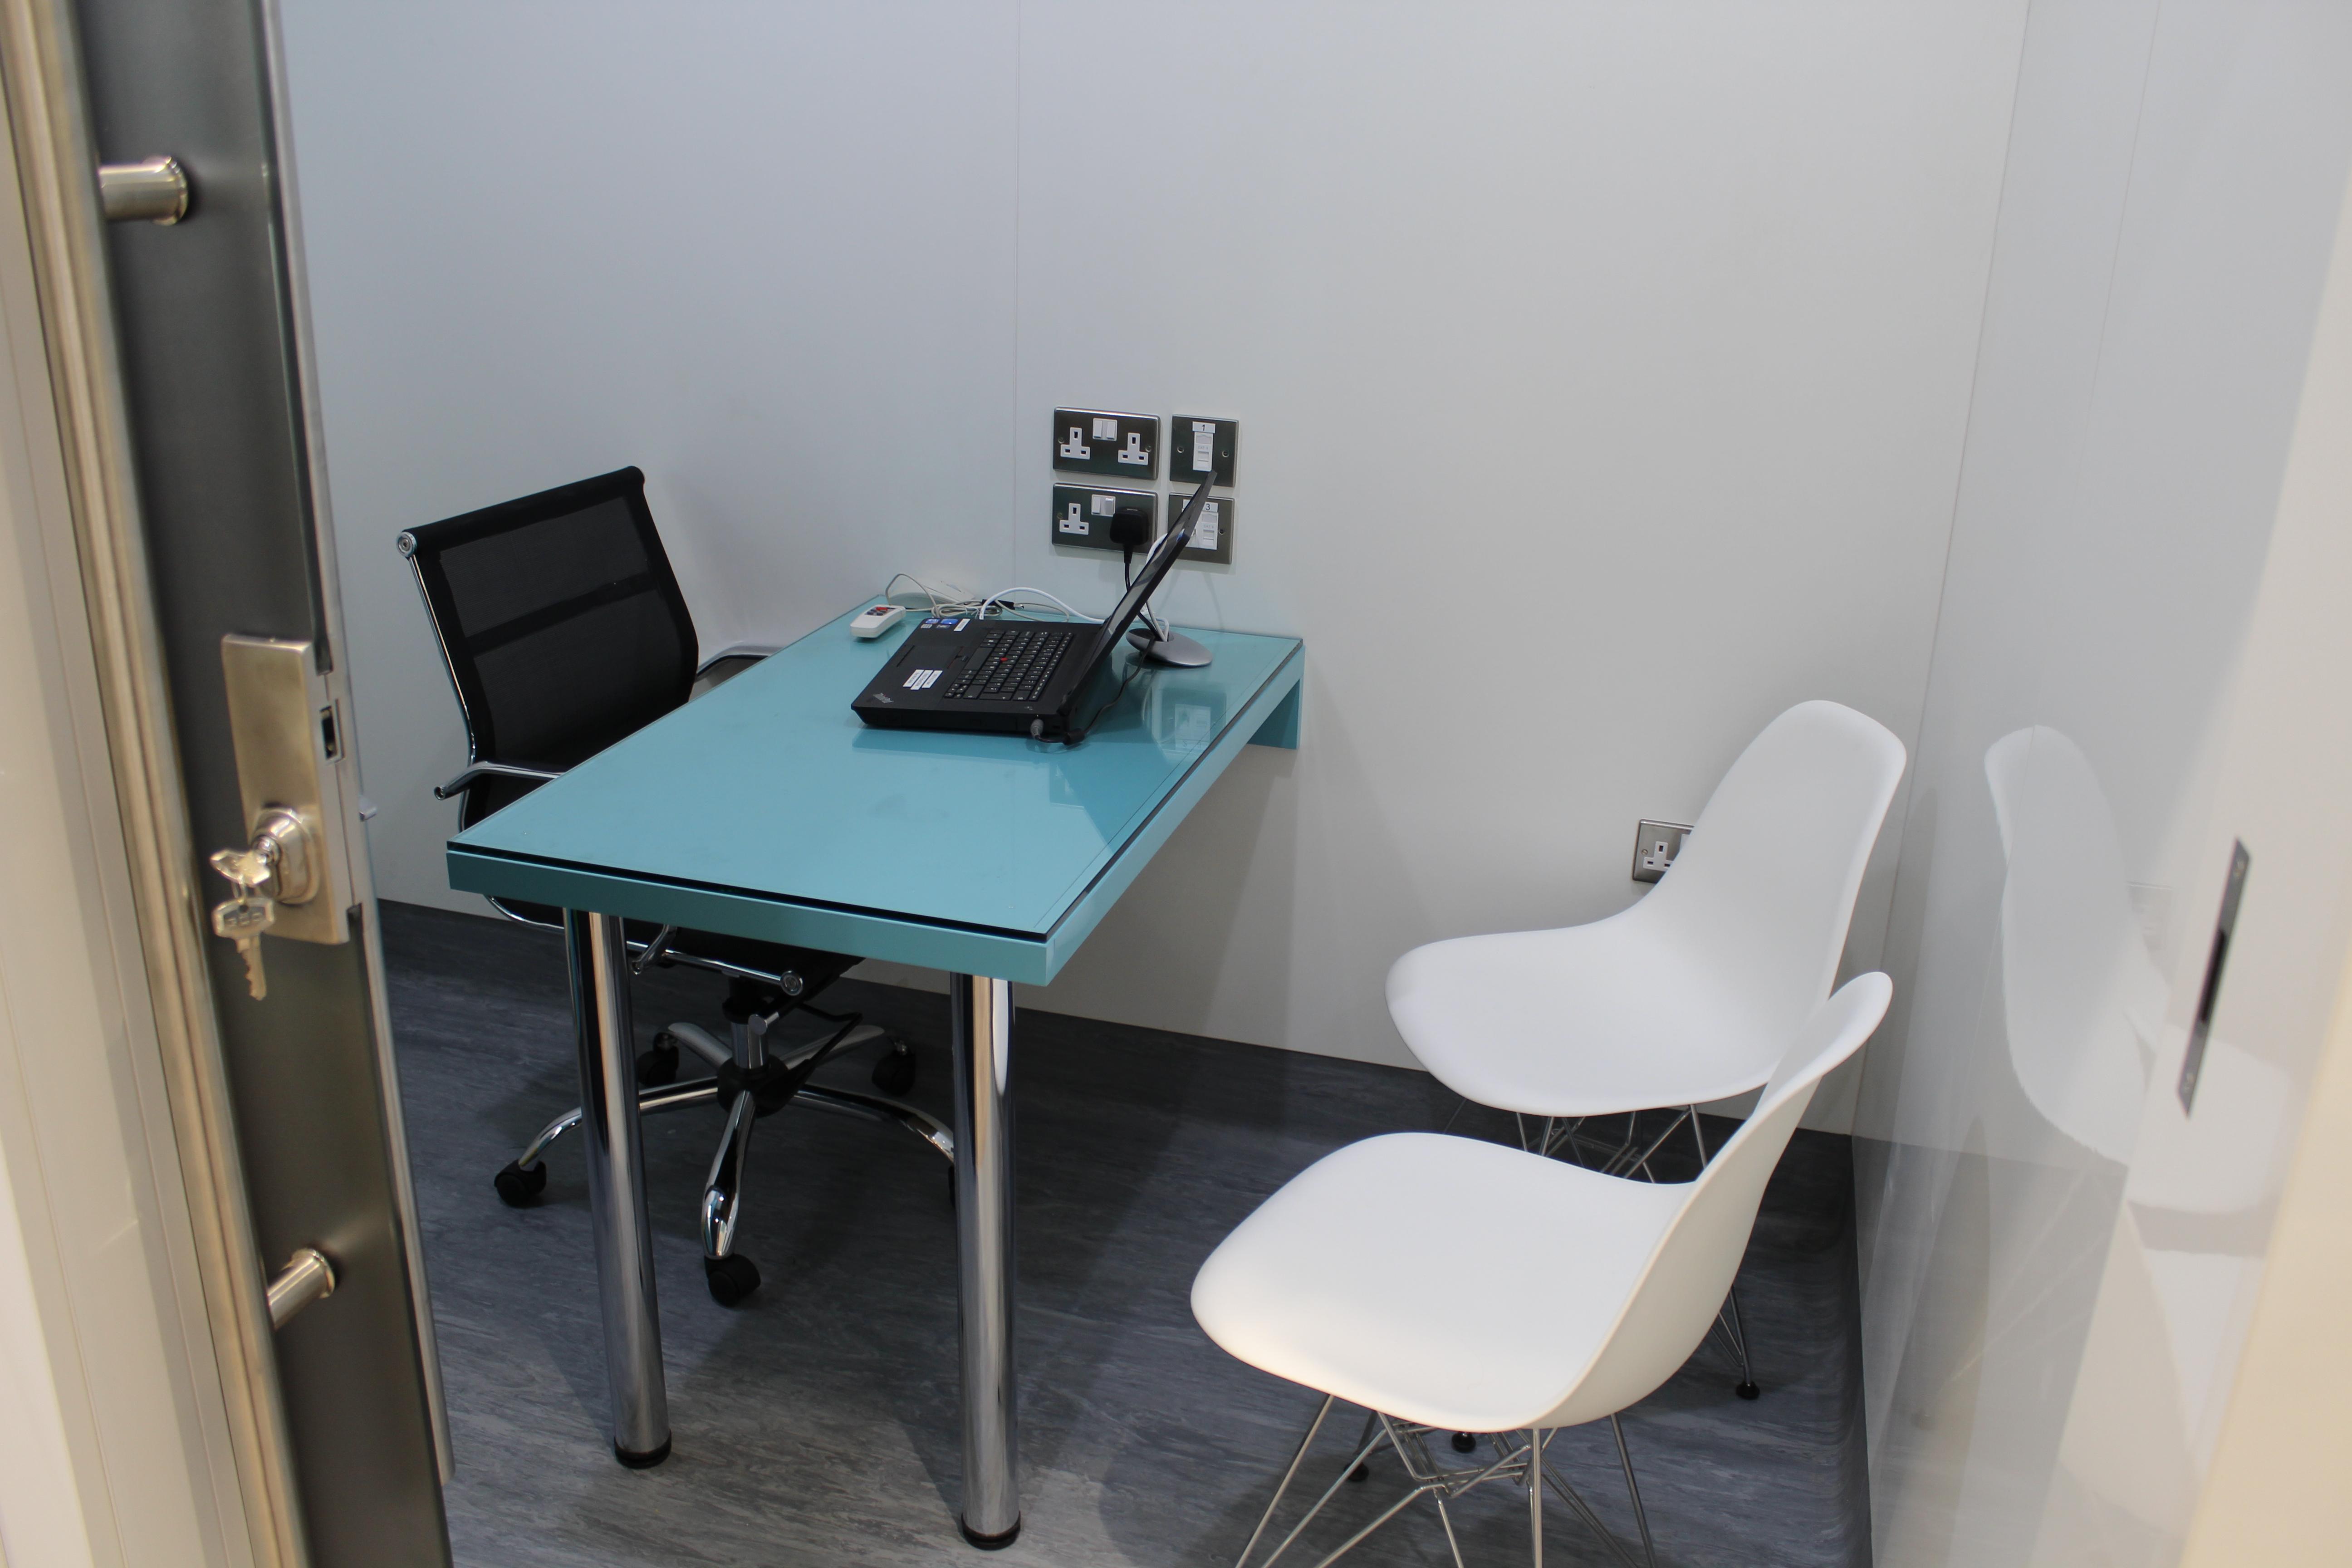 Consultation Rooms